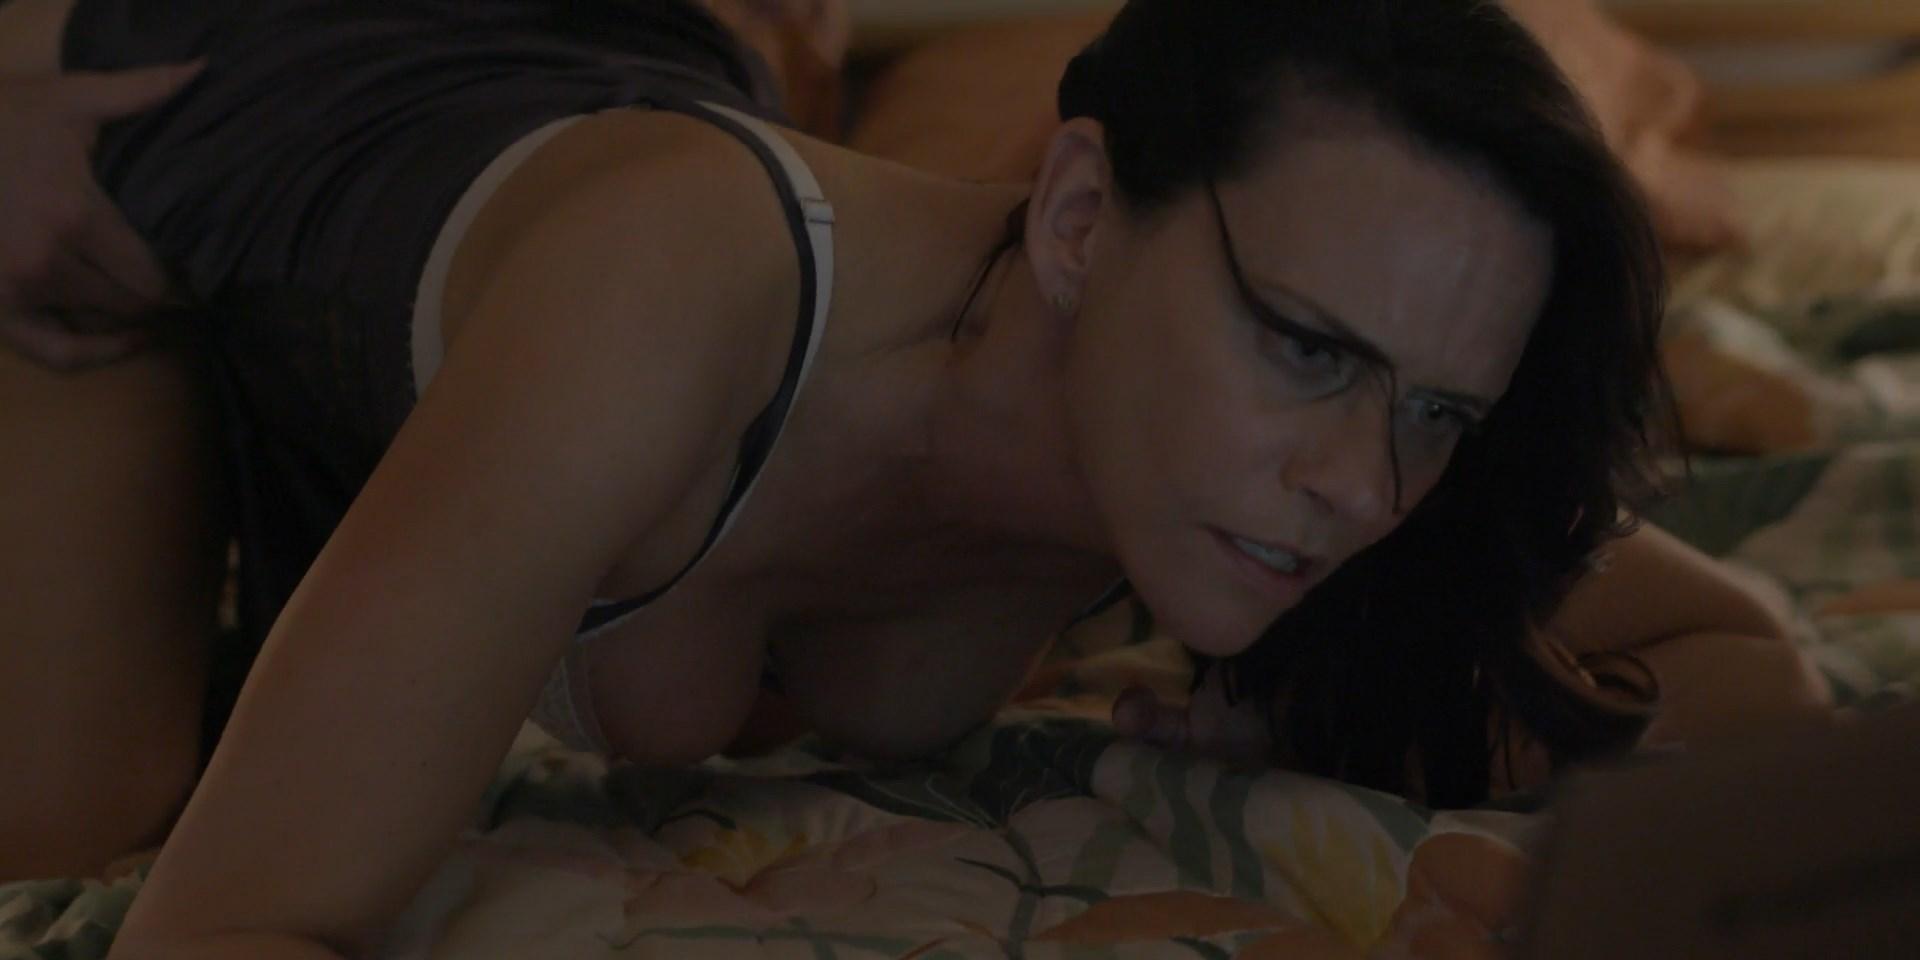 Amy landecker nude